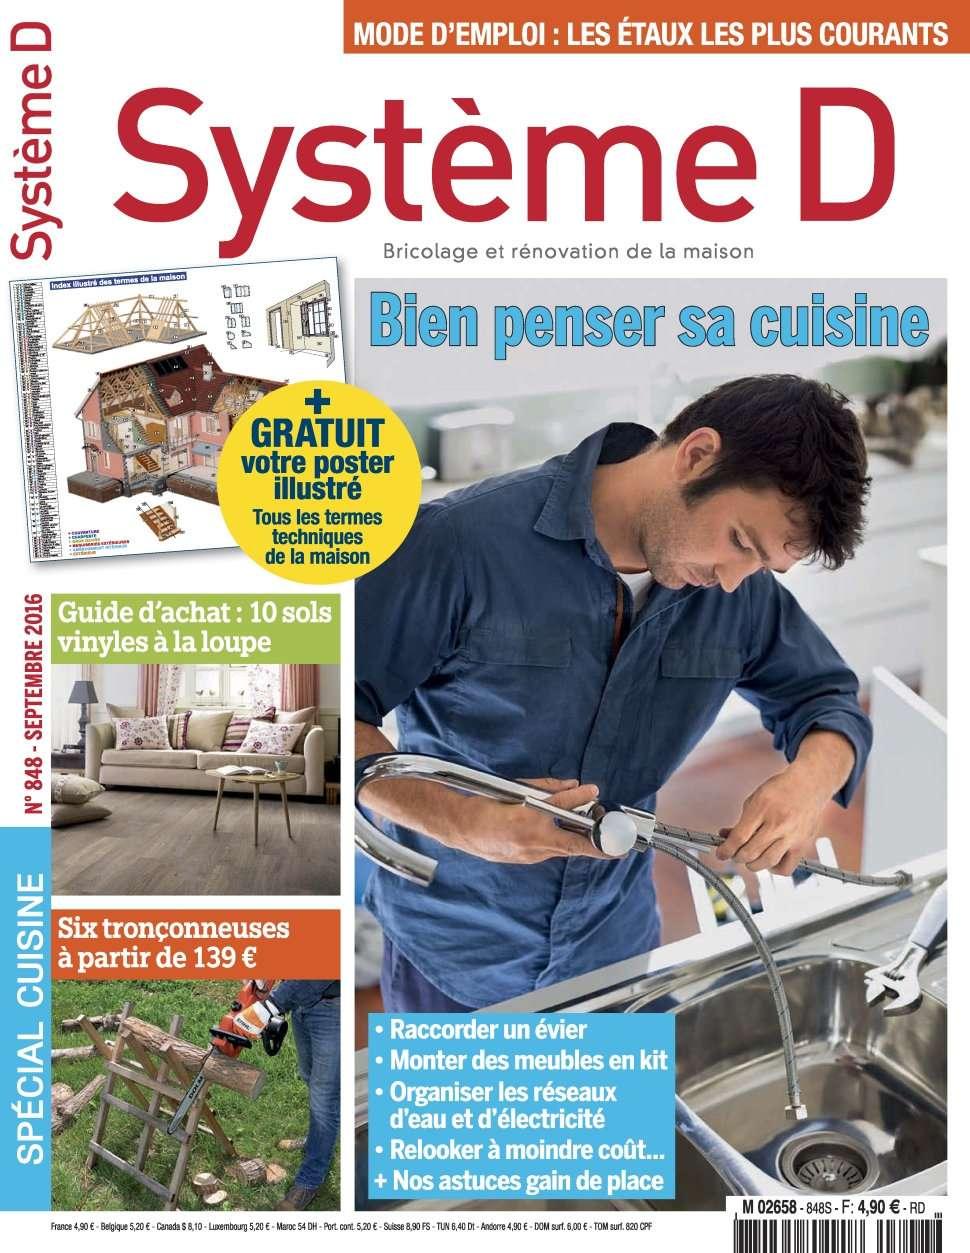 Système D 848 - Septembre 2016